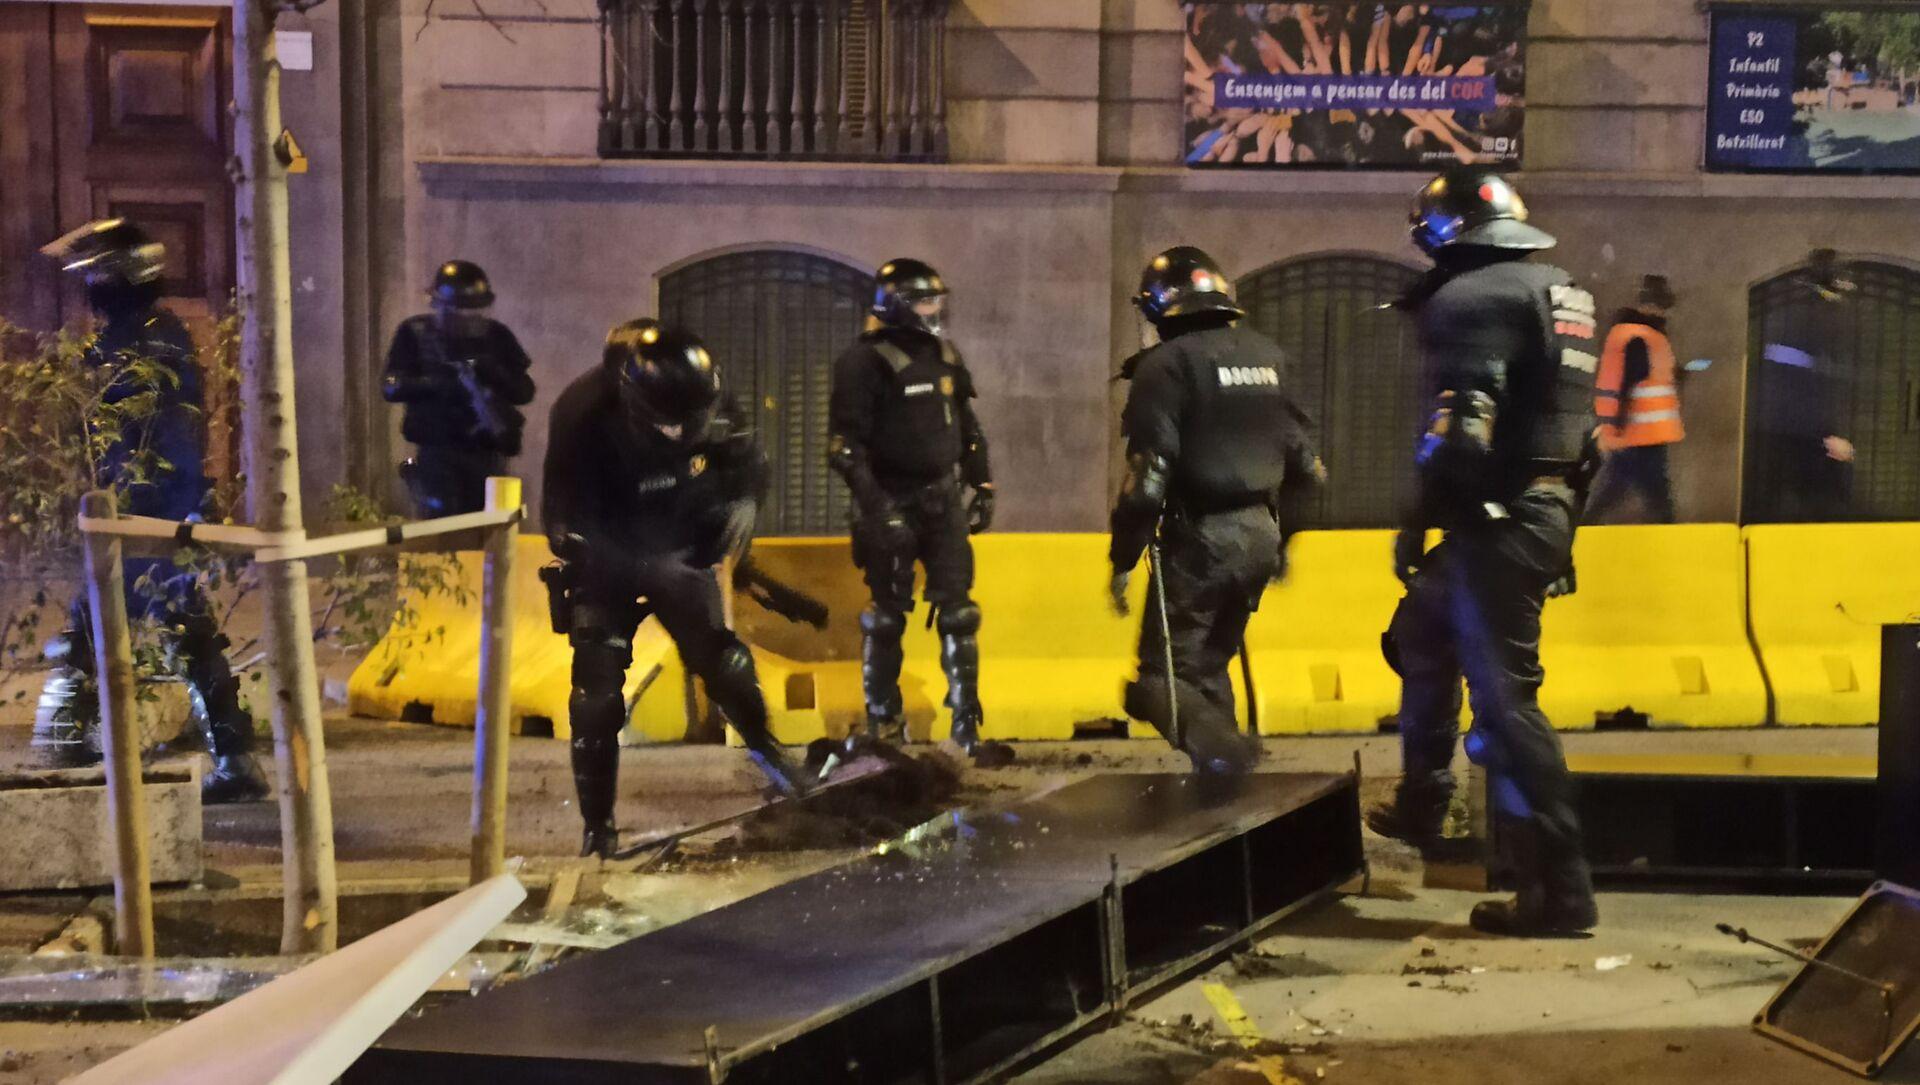 Deset ljudi je uhapšeno tokom protesta zbog napada na policiju - Sputnik Srbija, 1920, 27.02.2021